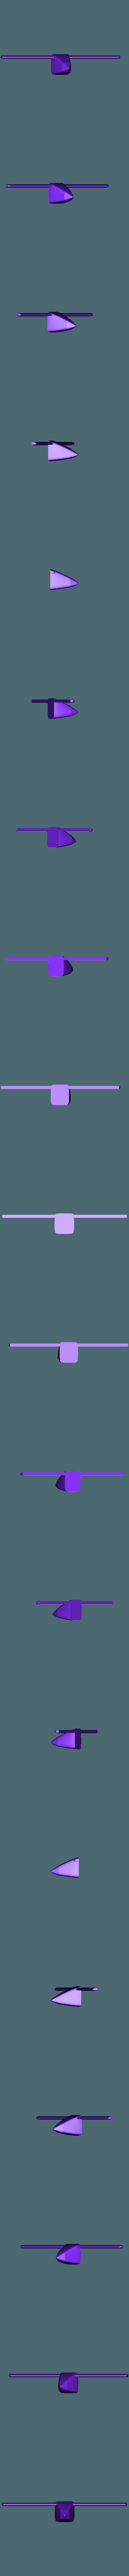 fuse_1.STL Download STL file Rutan Long EZ • 3D print design, Nico_3D